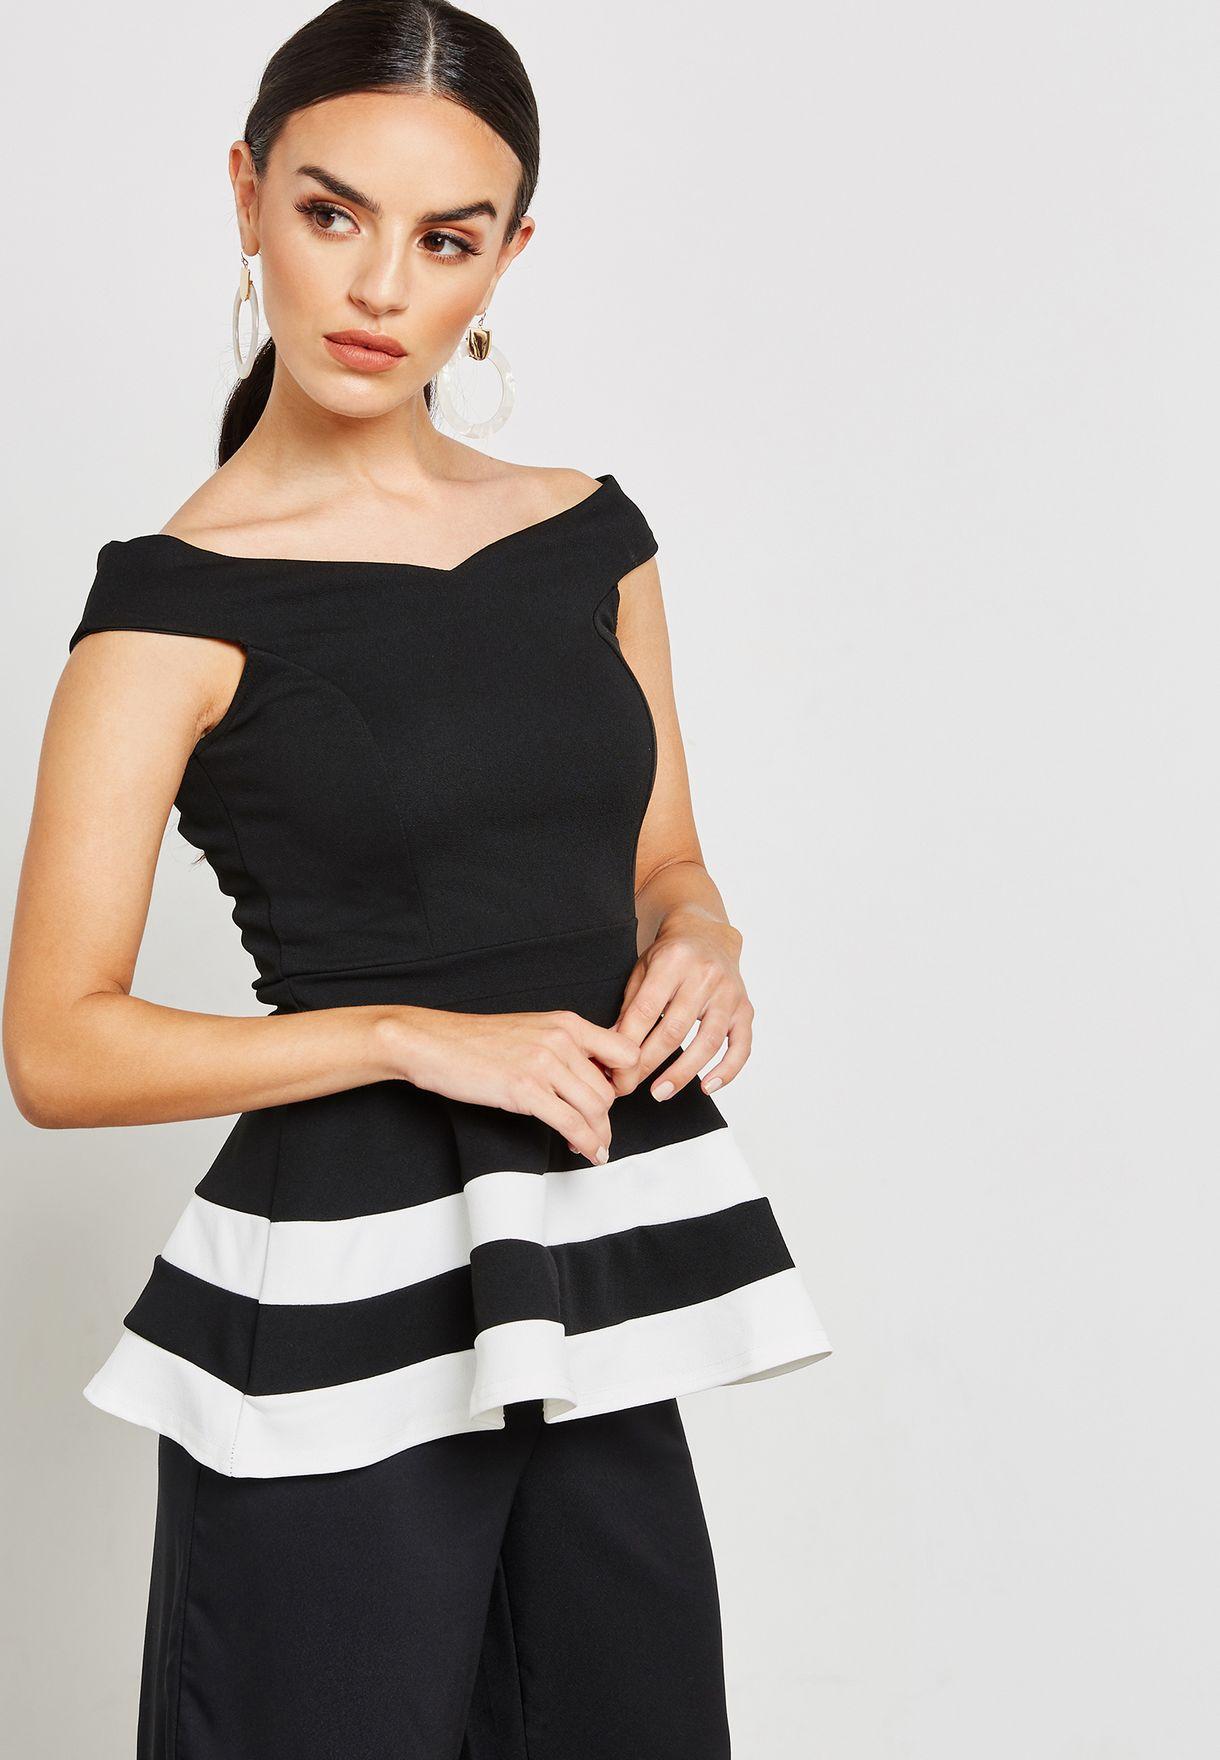 8b0135868e453 Shop Quiz black Bardot Peplum Top with Contrast Hem 00100016655 for ...